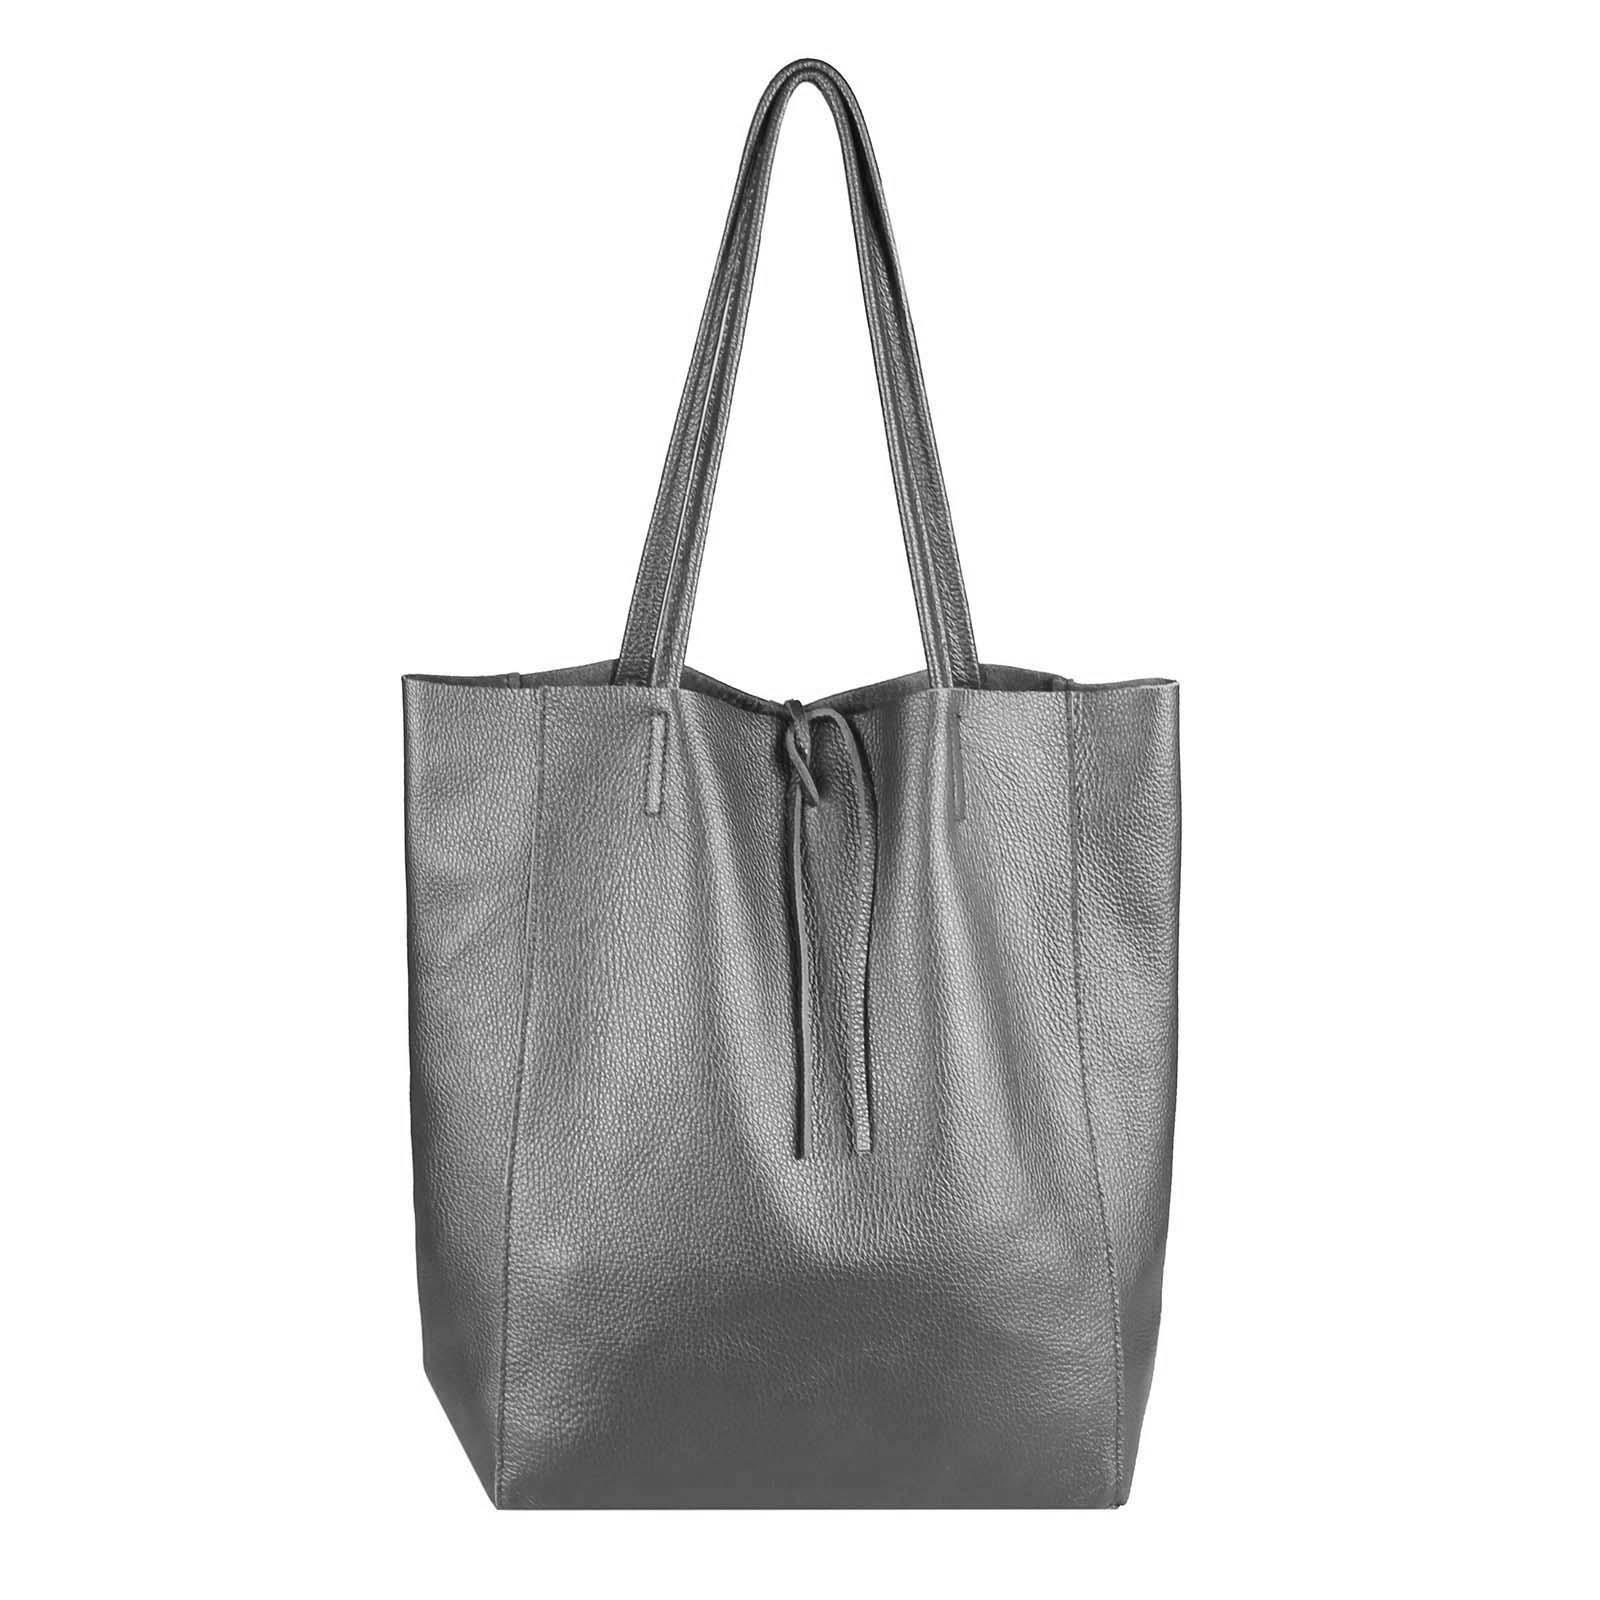 15d7f7970059c OBC Made in Italy DAMEN LEDER TASCHE DIN-A4 Shopper Schultertasche  Henkeltasche Tote Bag Metallic Handtasche Umhängetasche Beuteltasche…